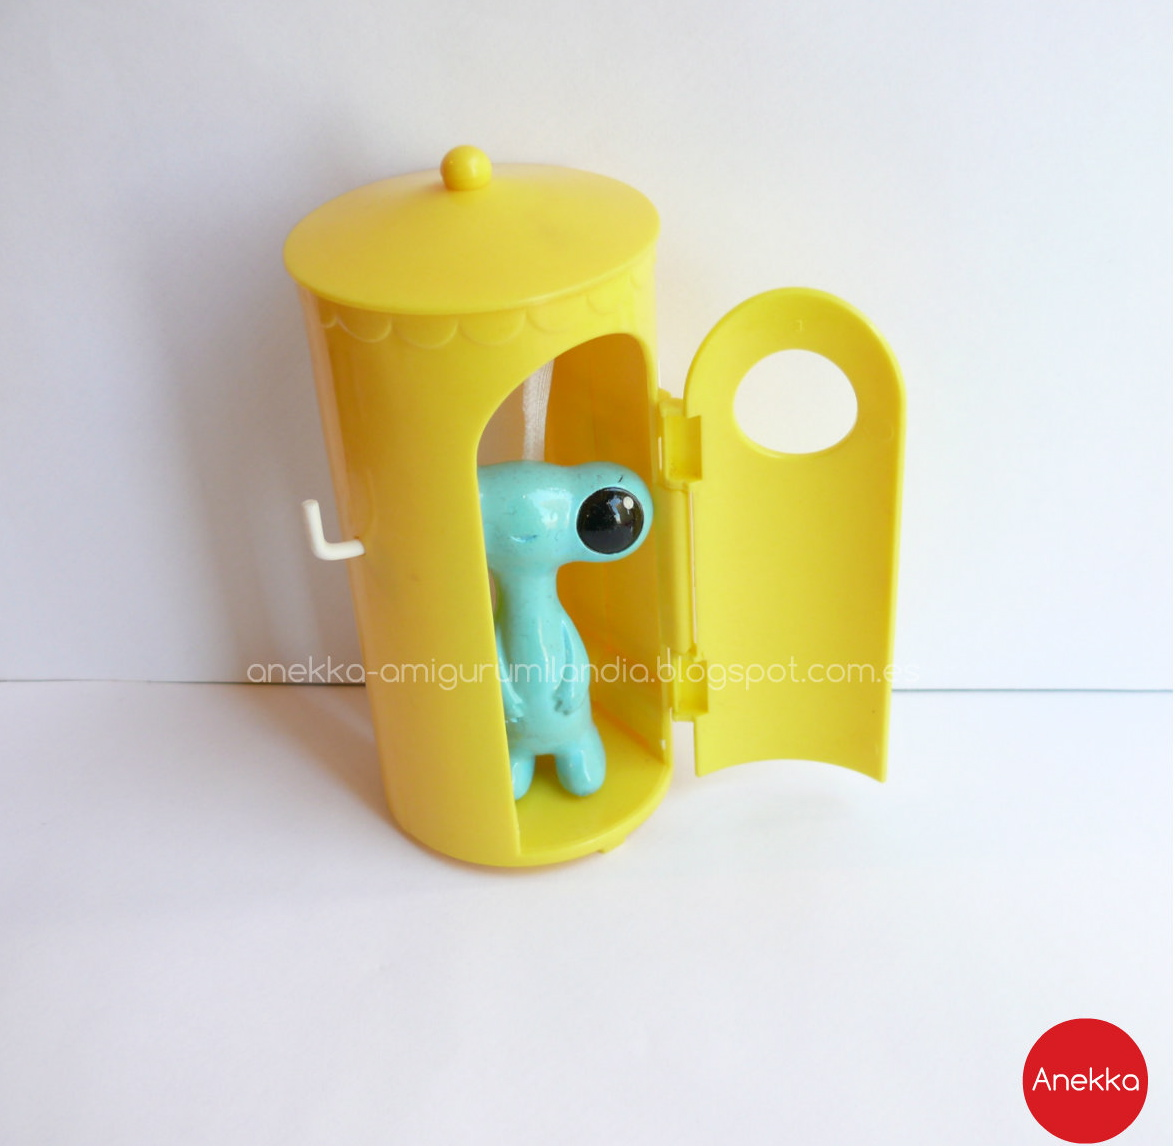 cute little blue monster anekka handmade